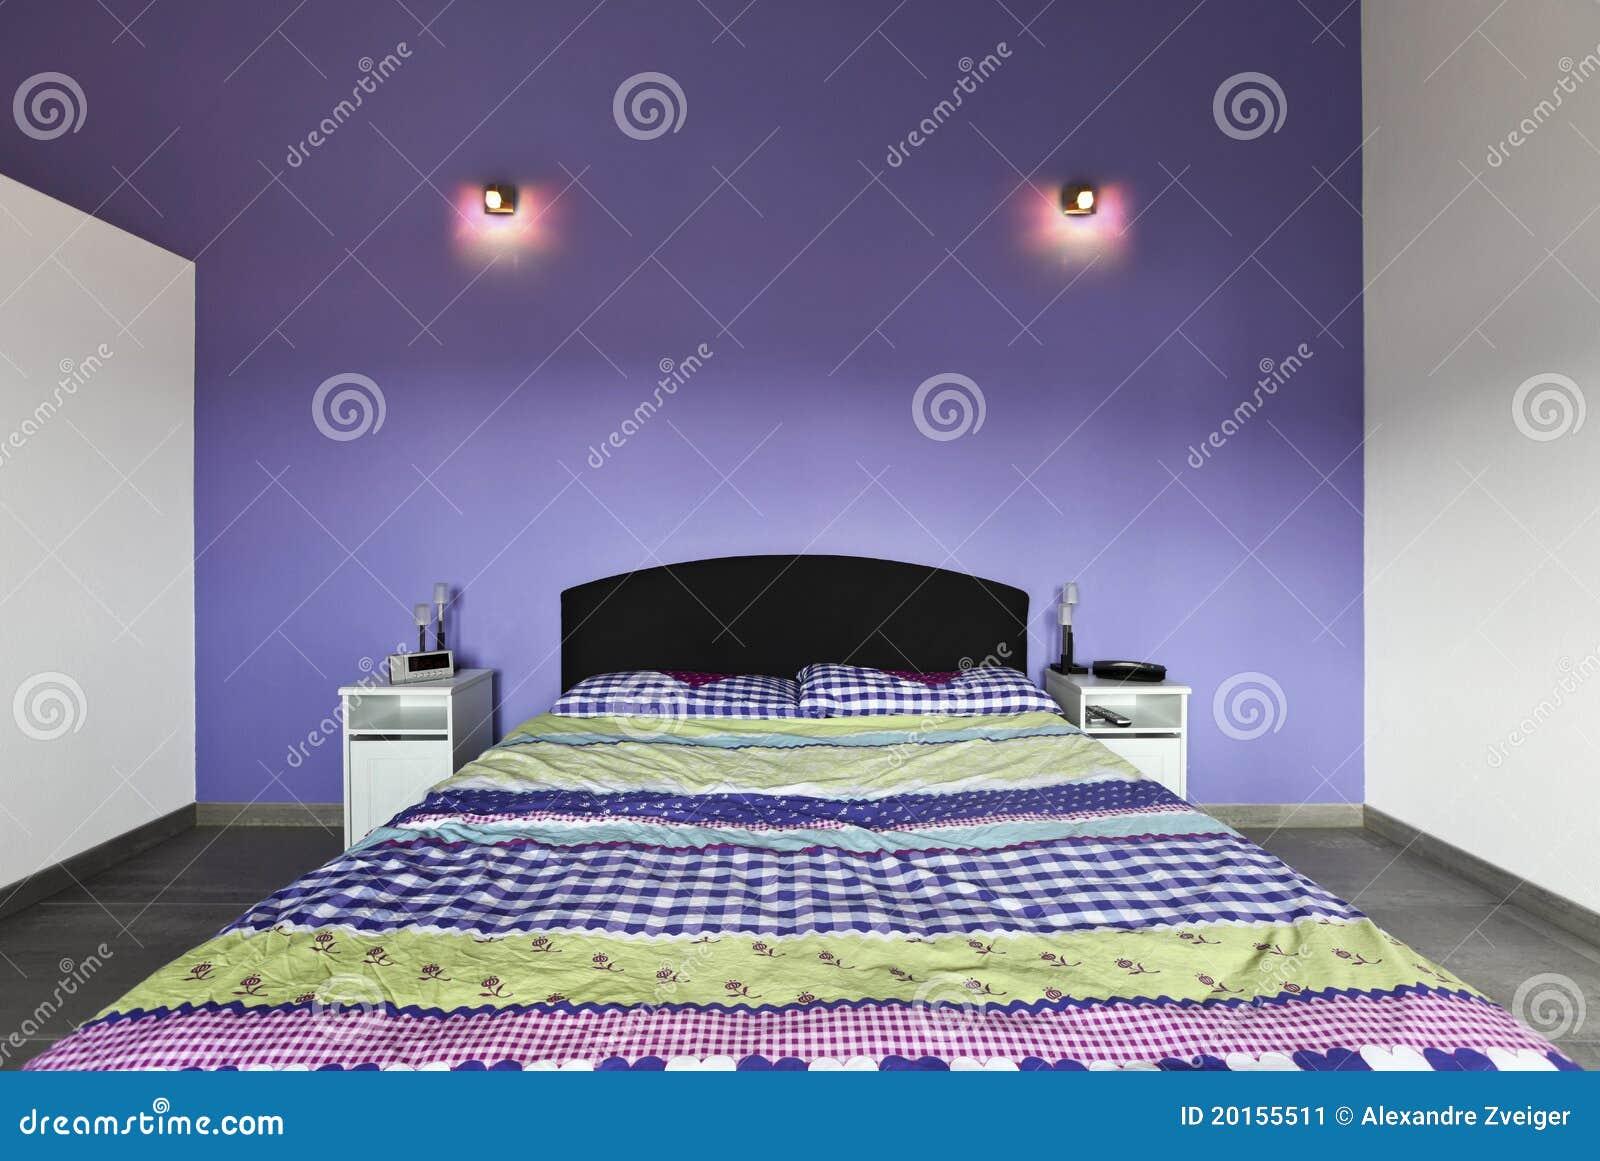 Inre purpur vägg för sovrum fotografering för bildbyråer   bild ...